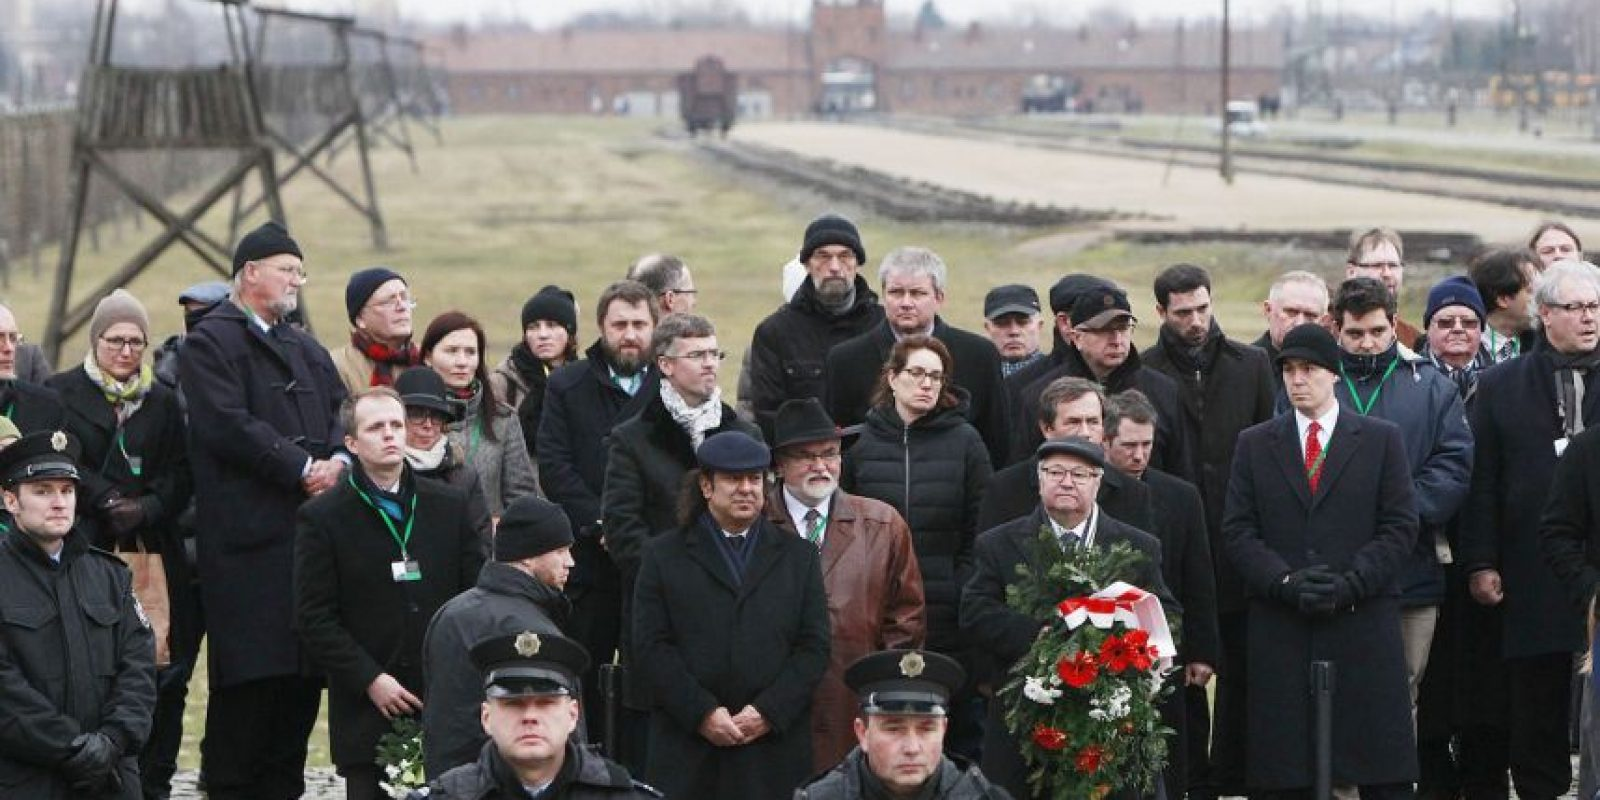 En 2005, la Asamblea General de las Naciones Unidas decidió establecer el 27 de enero como día oficial para conmemorar a las víctimas del Holocausto. Foto:AP